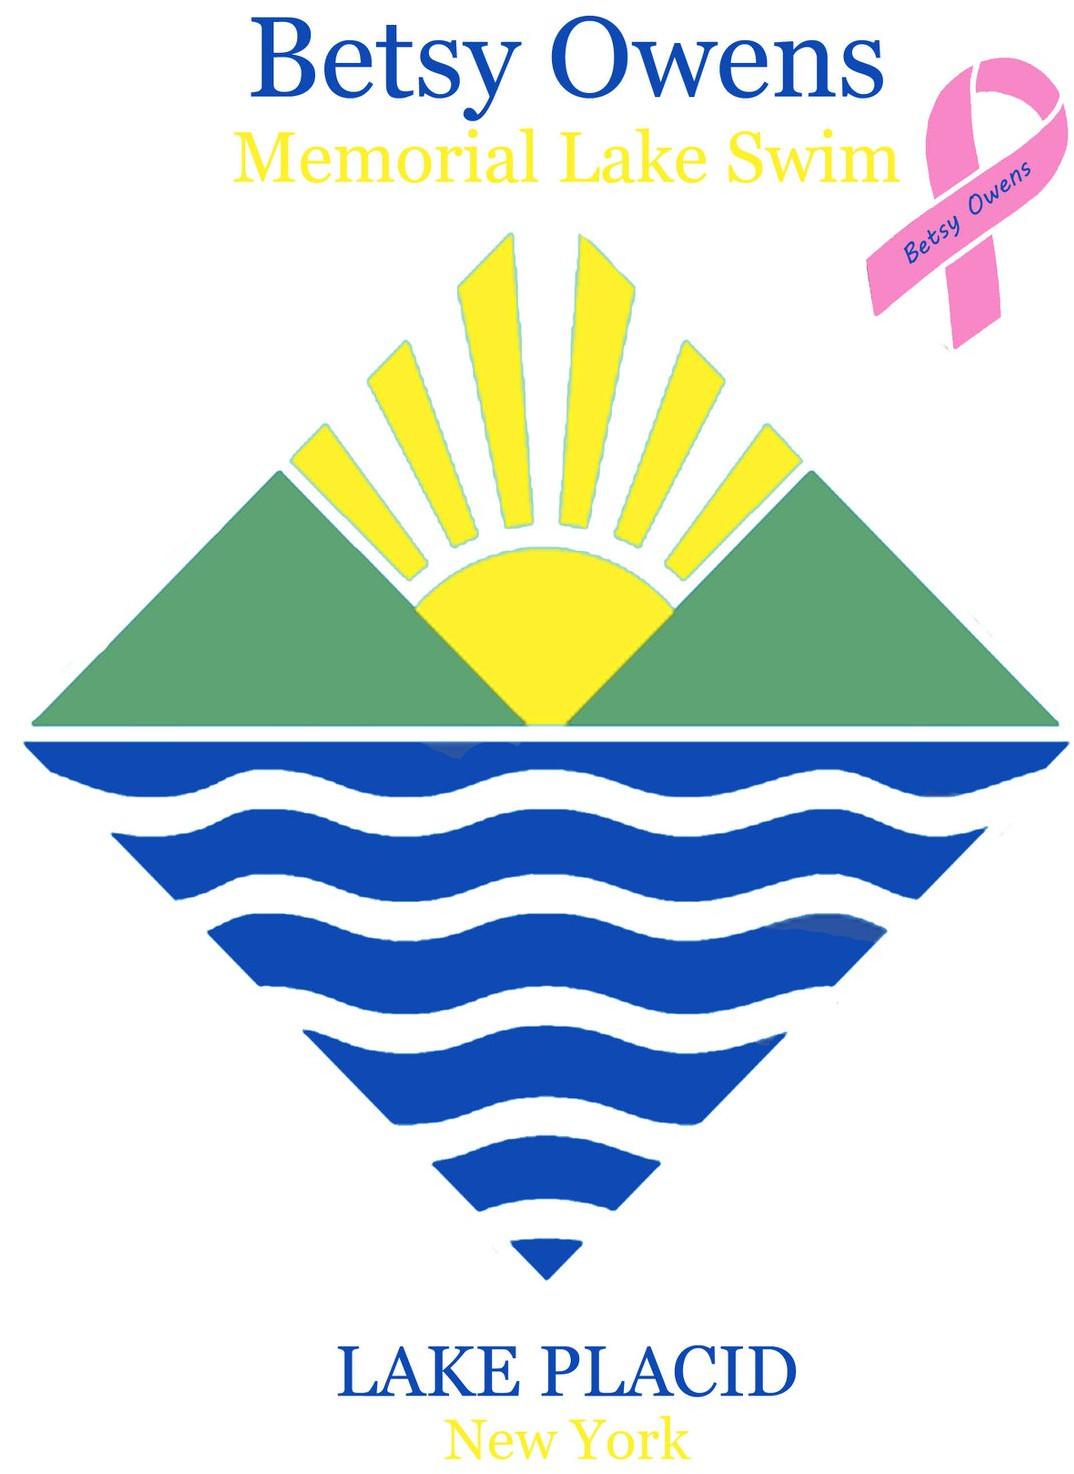 Betsy Owens Memorial Swim Logo